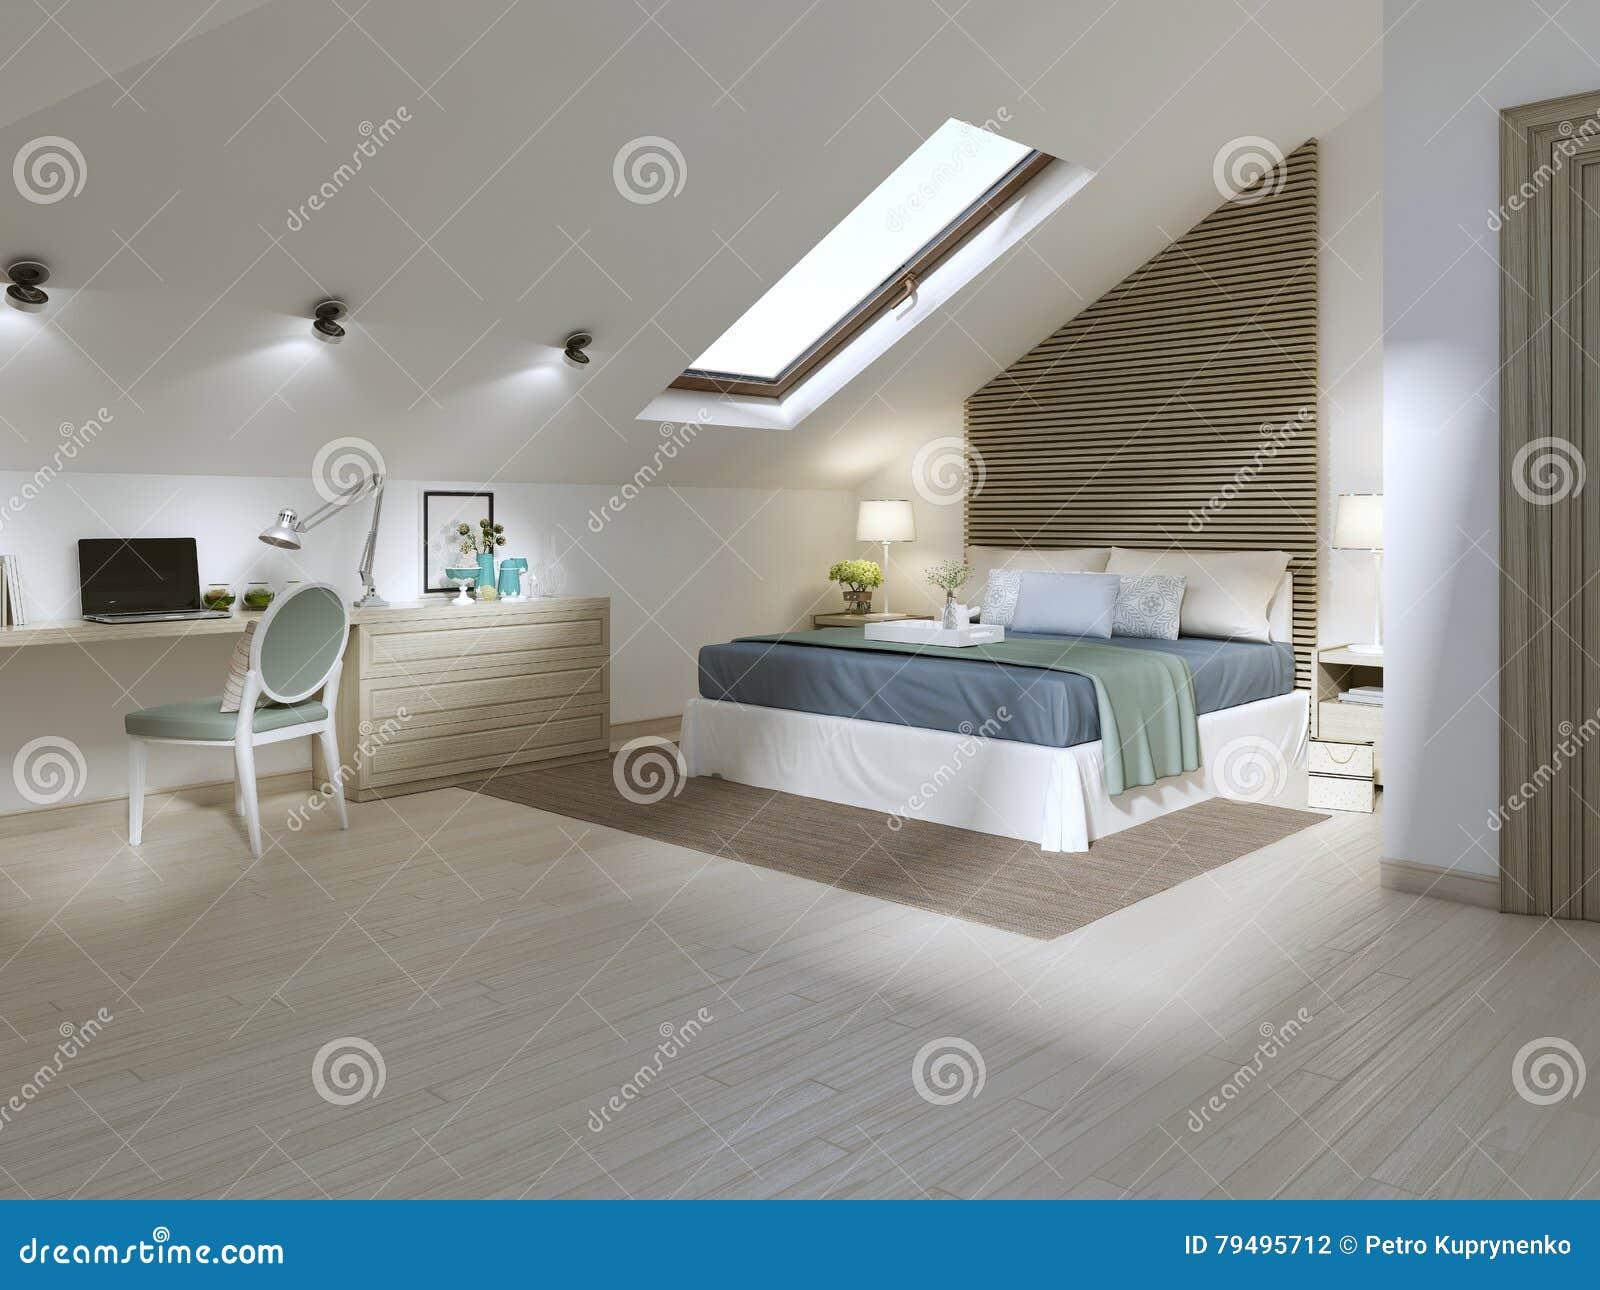 Großes Schlafzimmer   Grosses Schlafzimmer Auf Dem Dachbodenboden In Einer Modernen Art